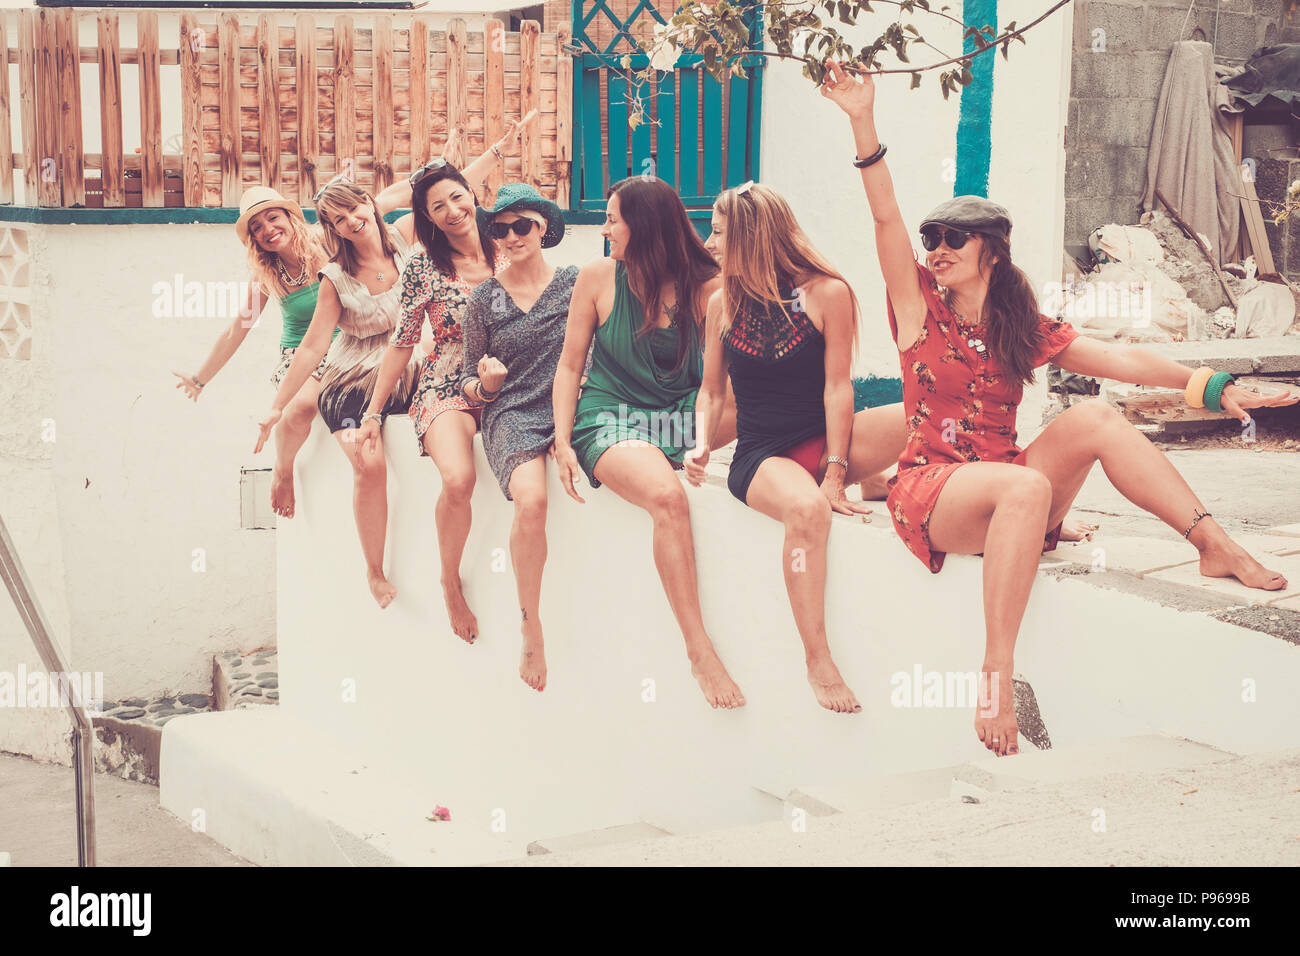 Gruppe von sieben jungen schönen Lächeln Frau krank im Urlaub und Freundschaft oder Beziehung bleiben zusammen Hinsetzen und verrückt mit Lachen gehen. Sommer col Stockbild